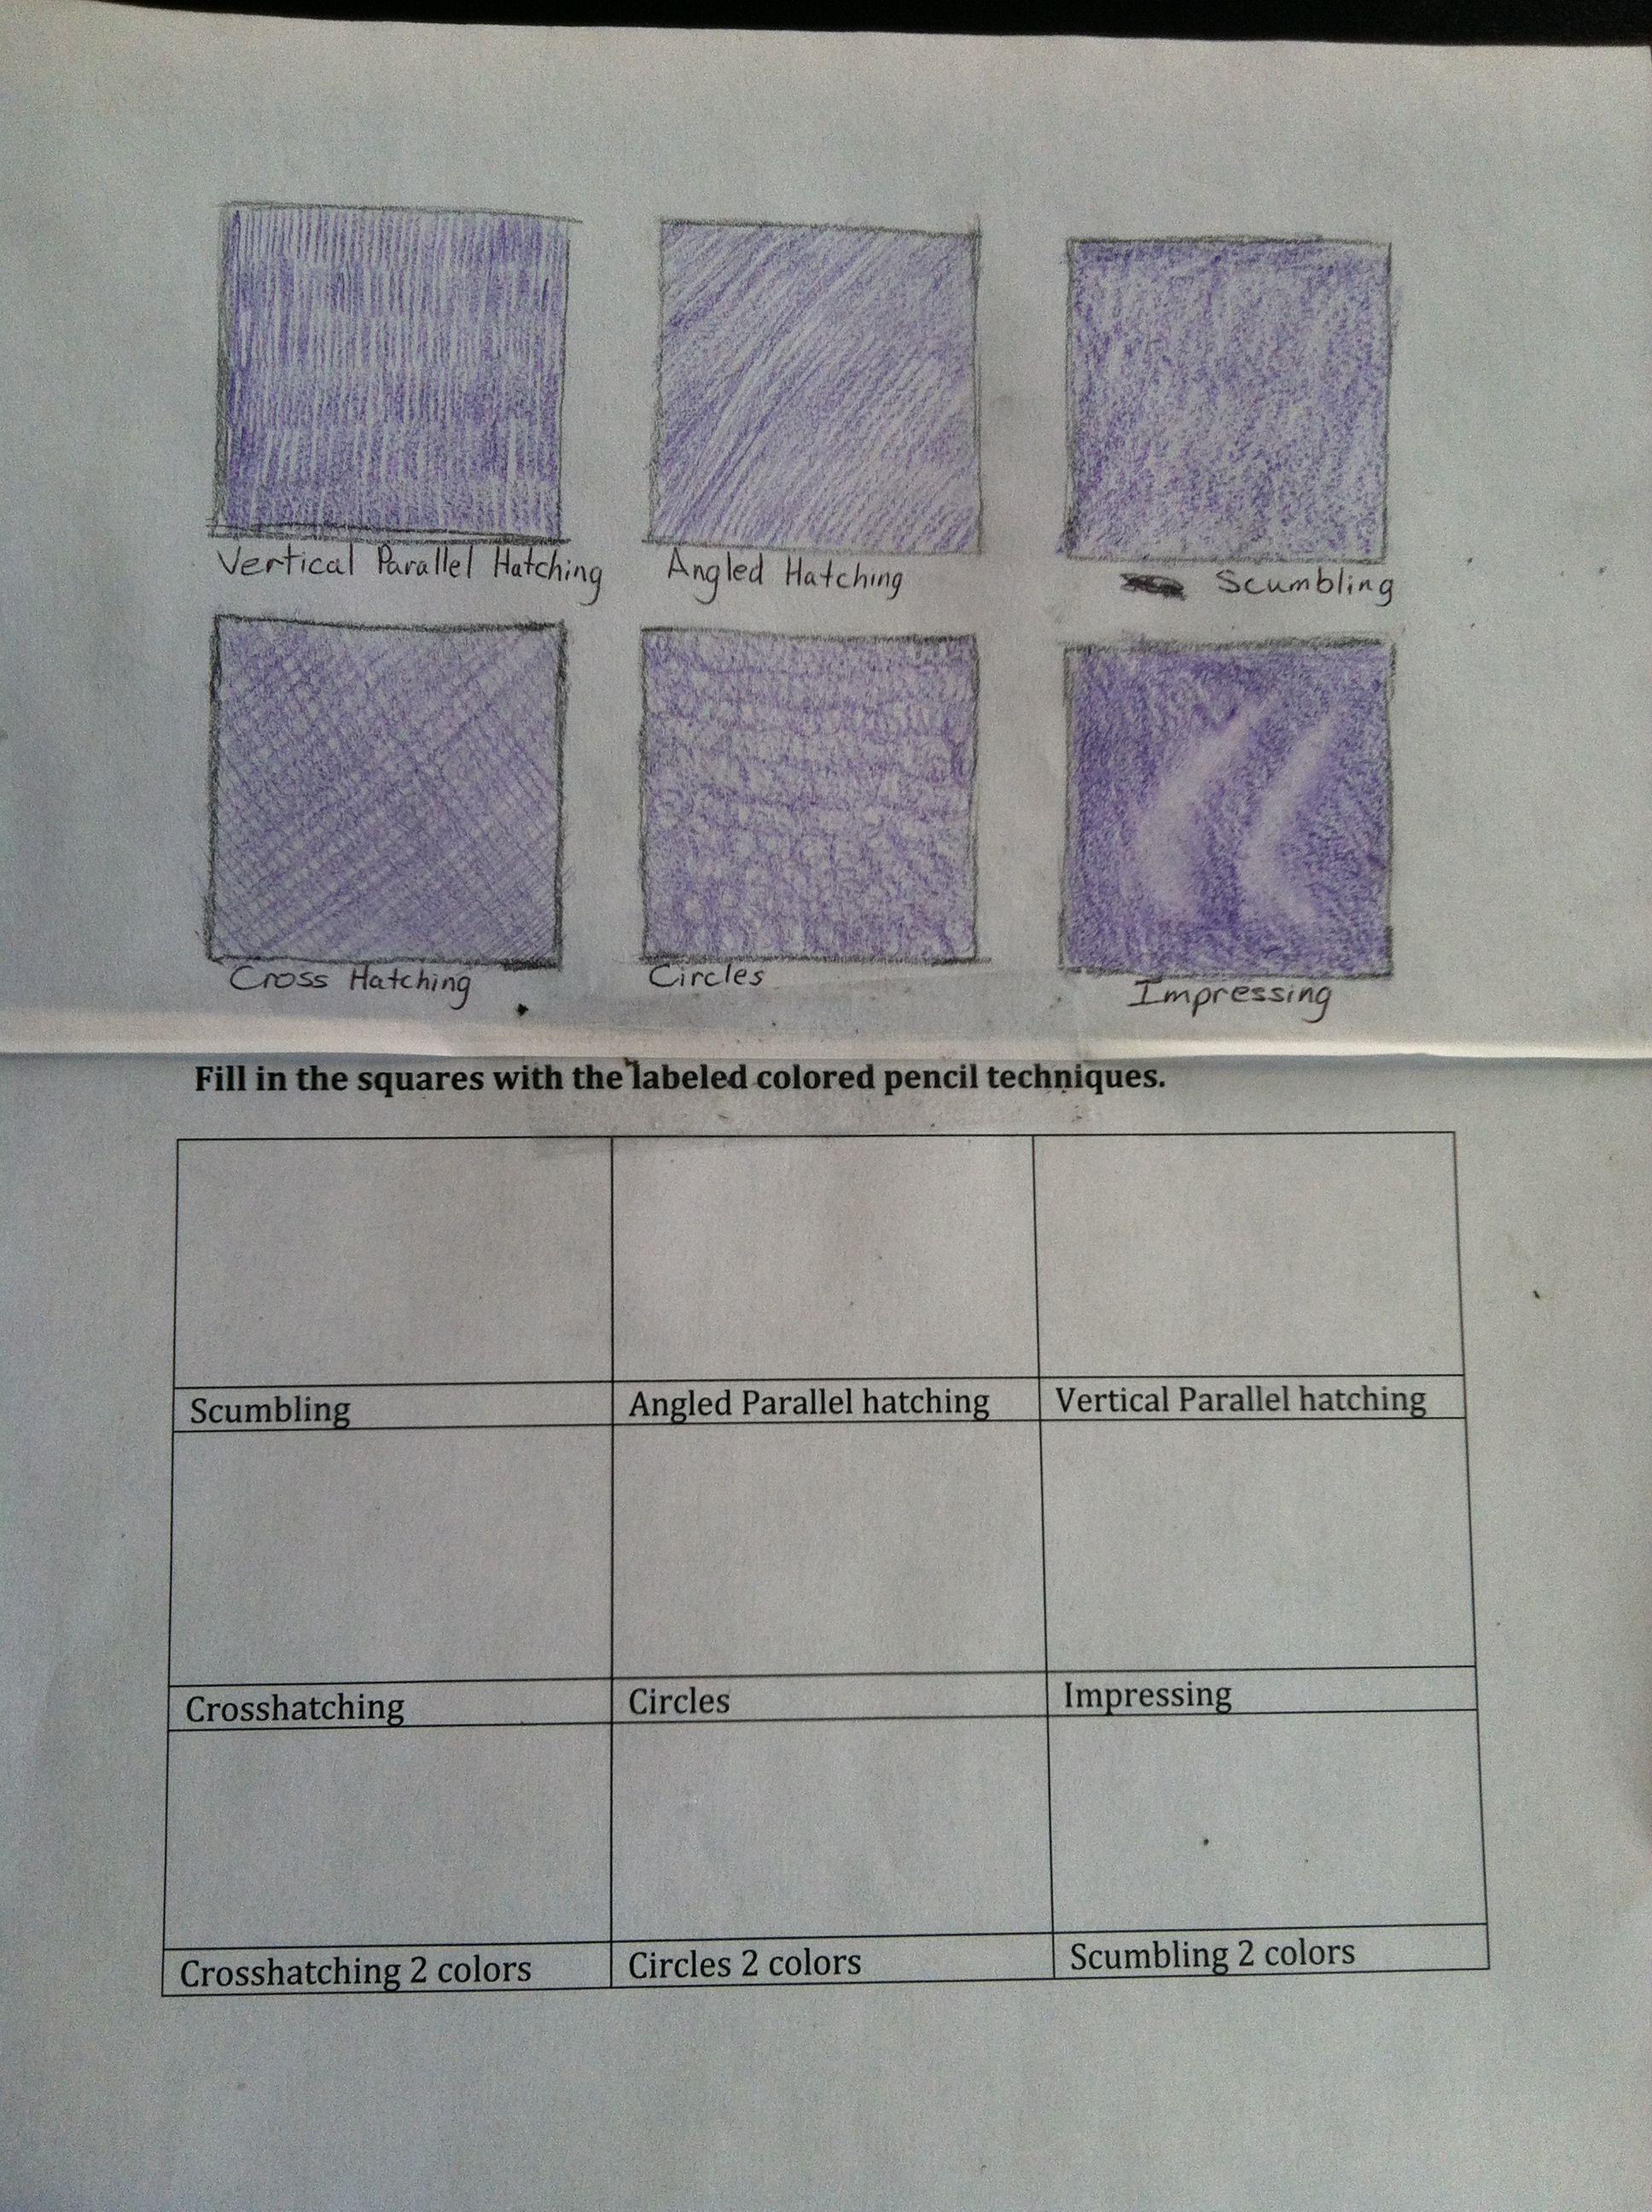 Color Pencil Techniques Worksheet